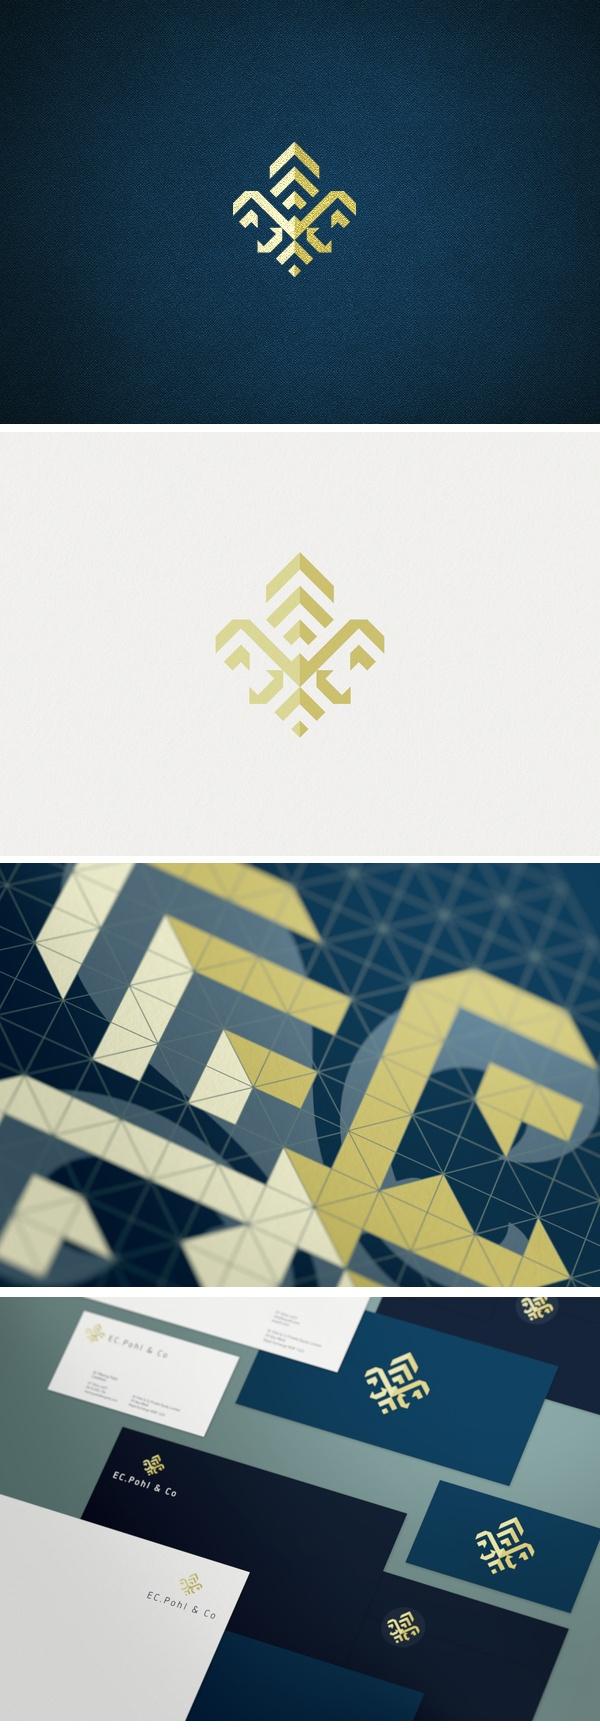 EC.Pohl & Co Branding.